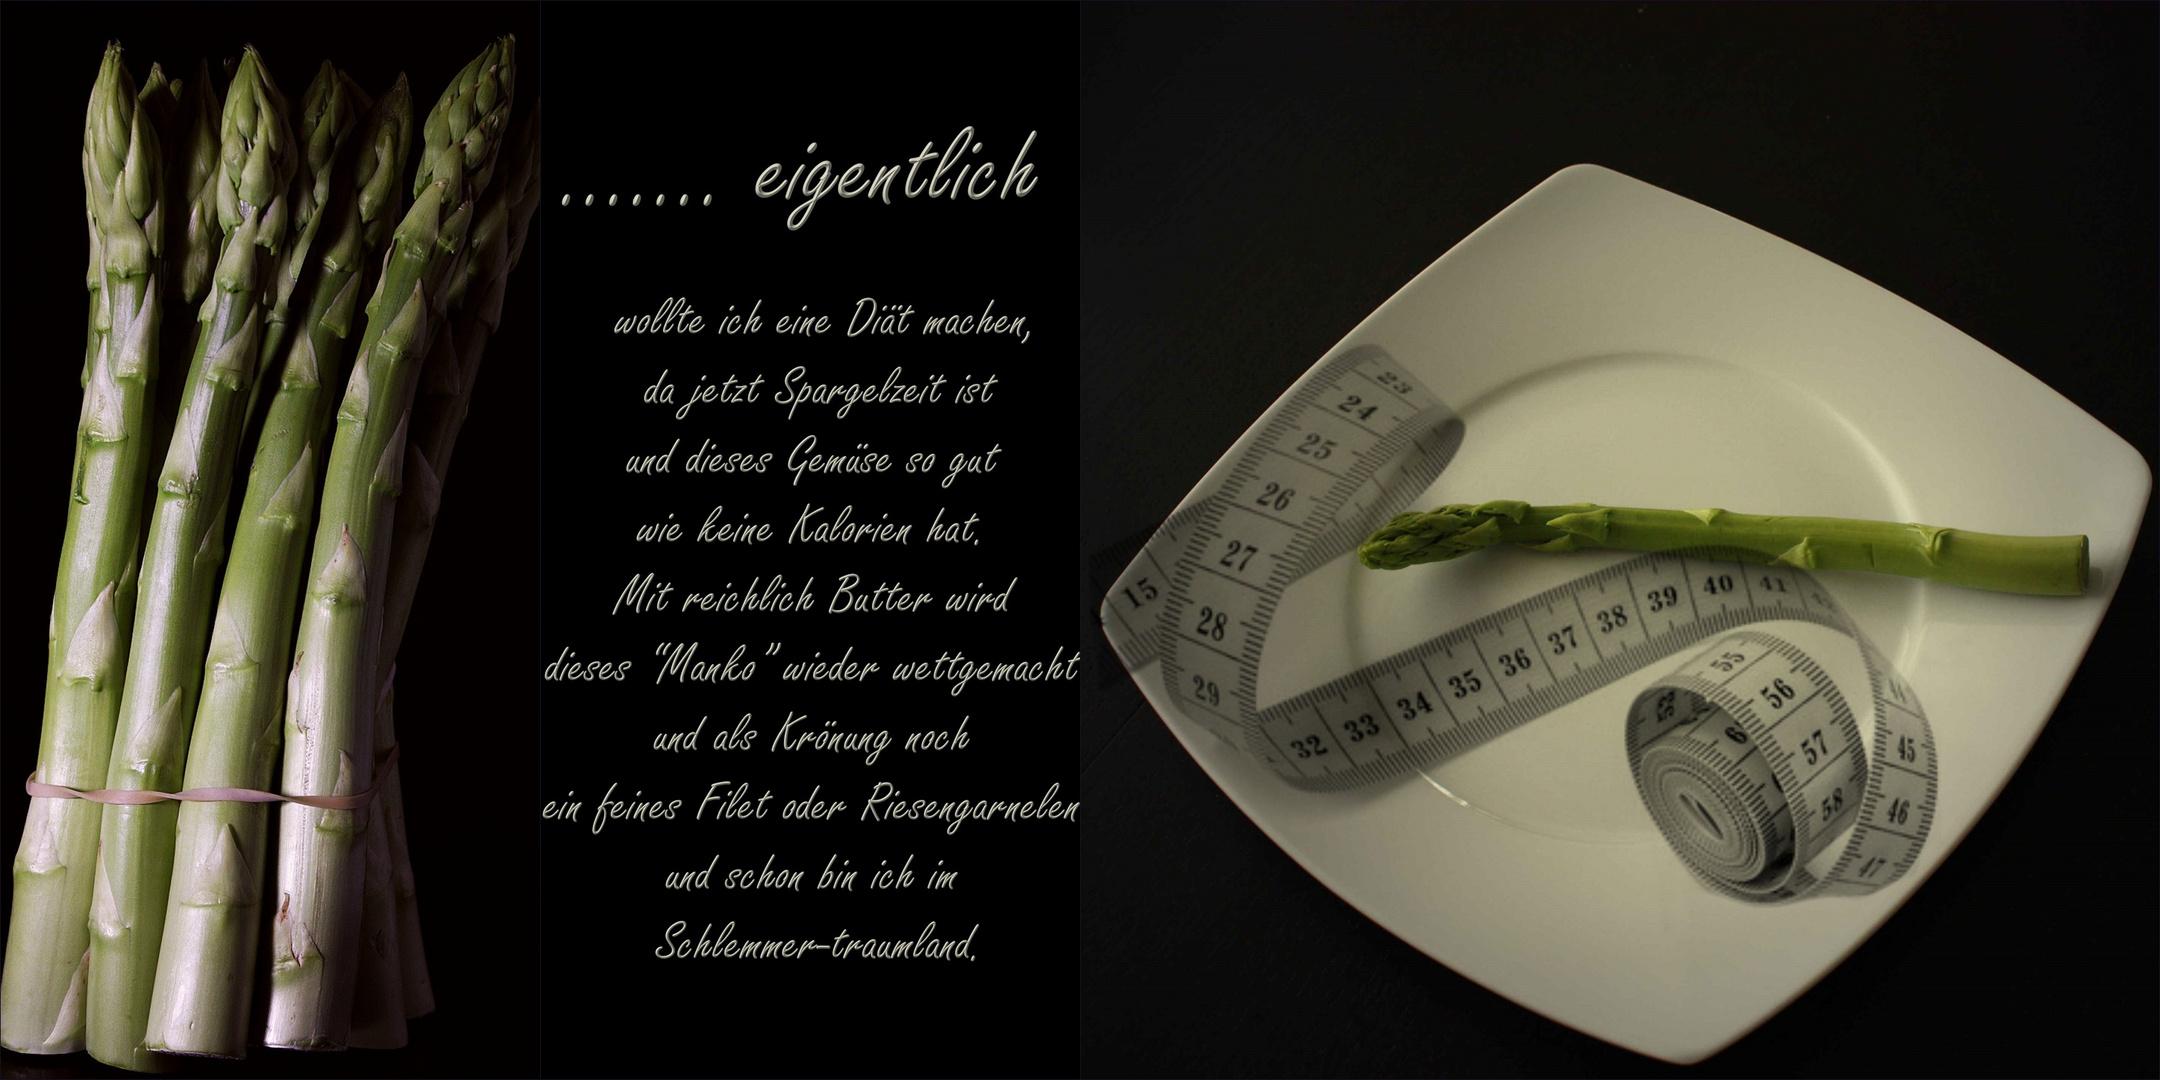 ............ mal wieder eine Diät